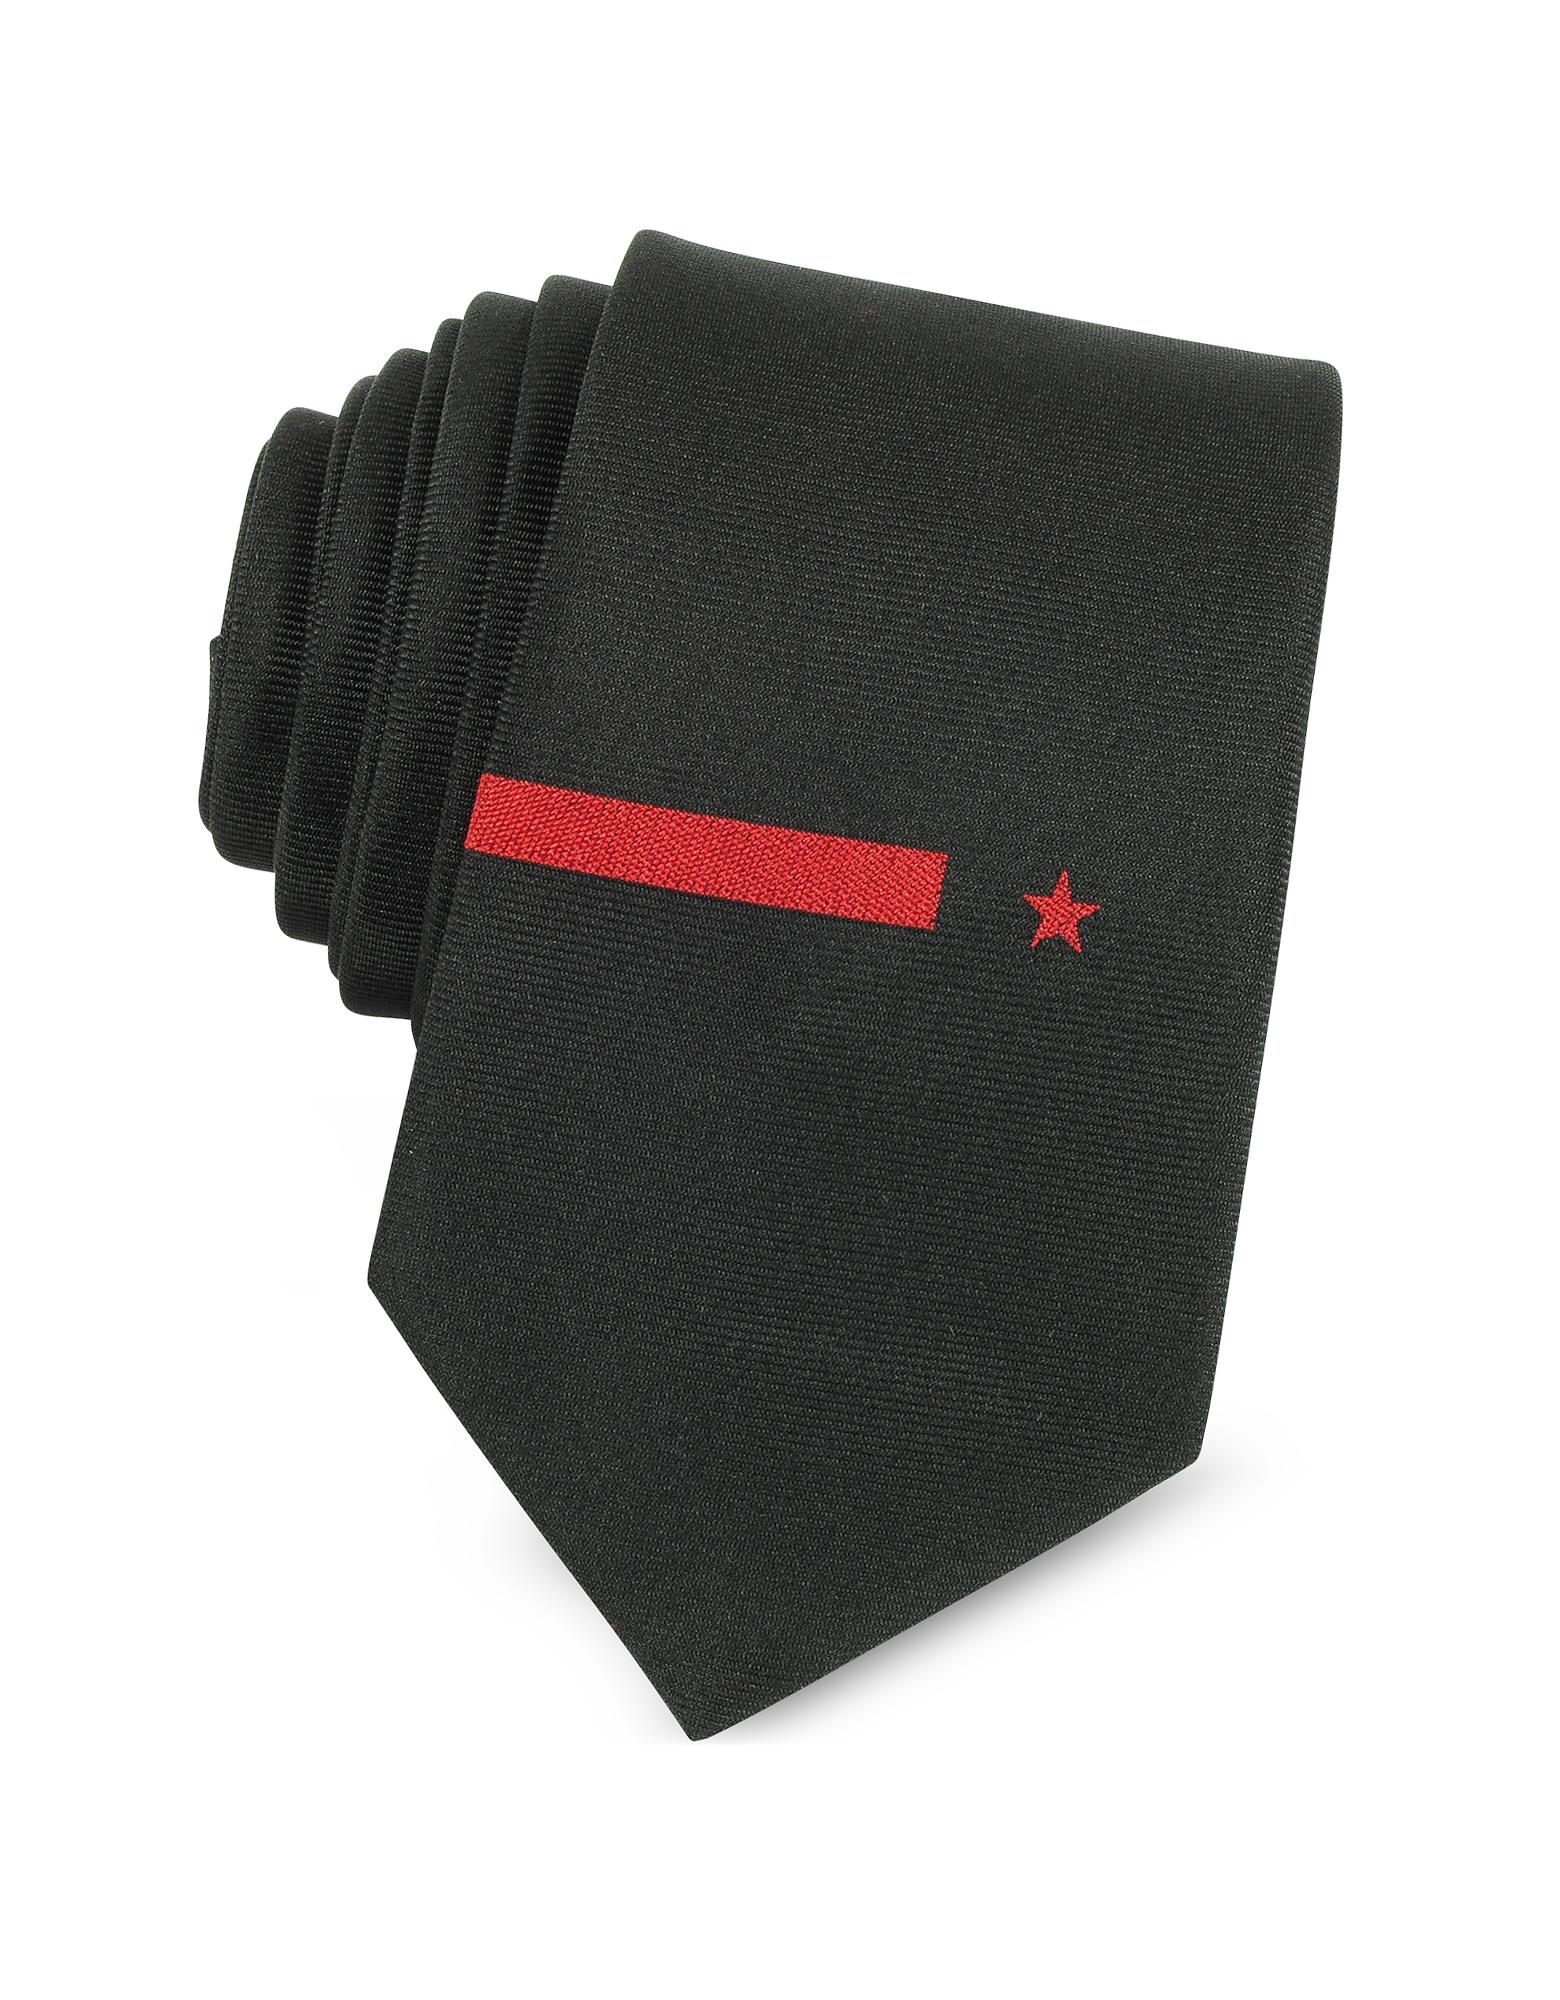 Черный Однотонный Узкий Галстук из Твилового Шелка с Красными Звездой и Полоской